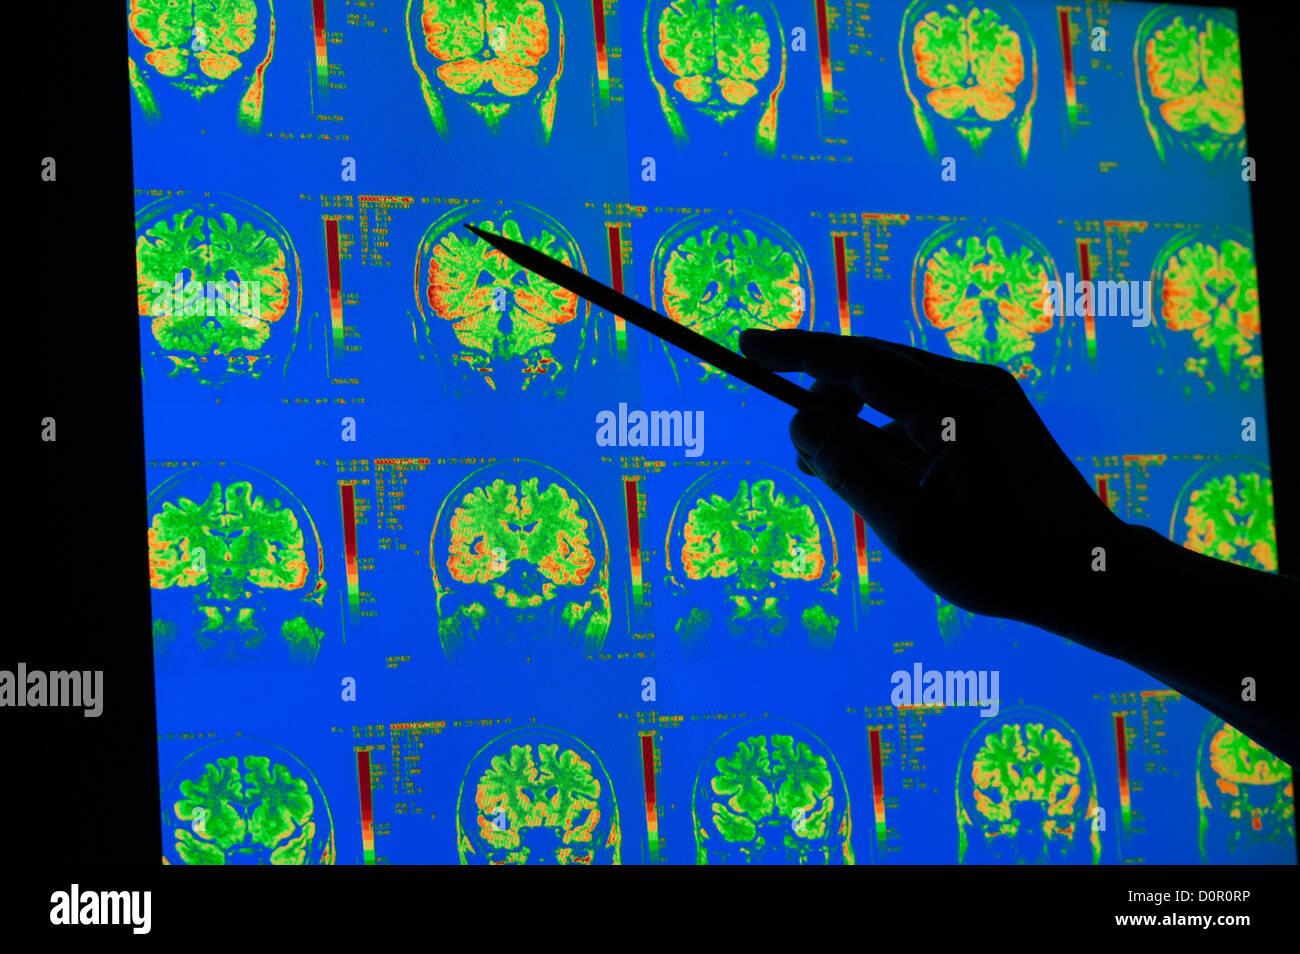 Los rayos x de color de la corteza cerebral, cerebelo IRM del cerebro humano Foto de stock